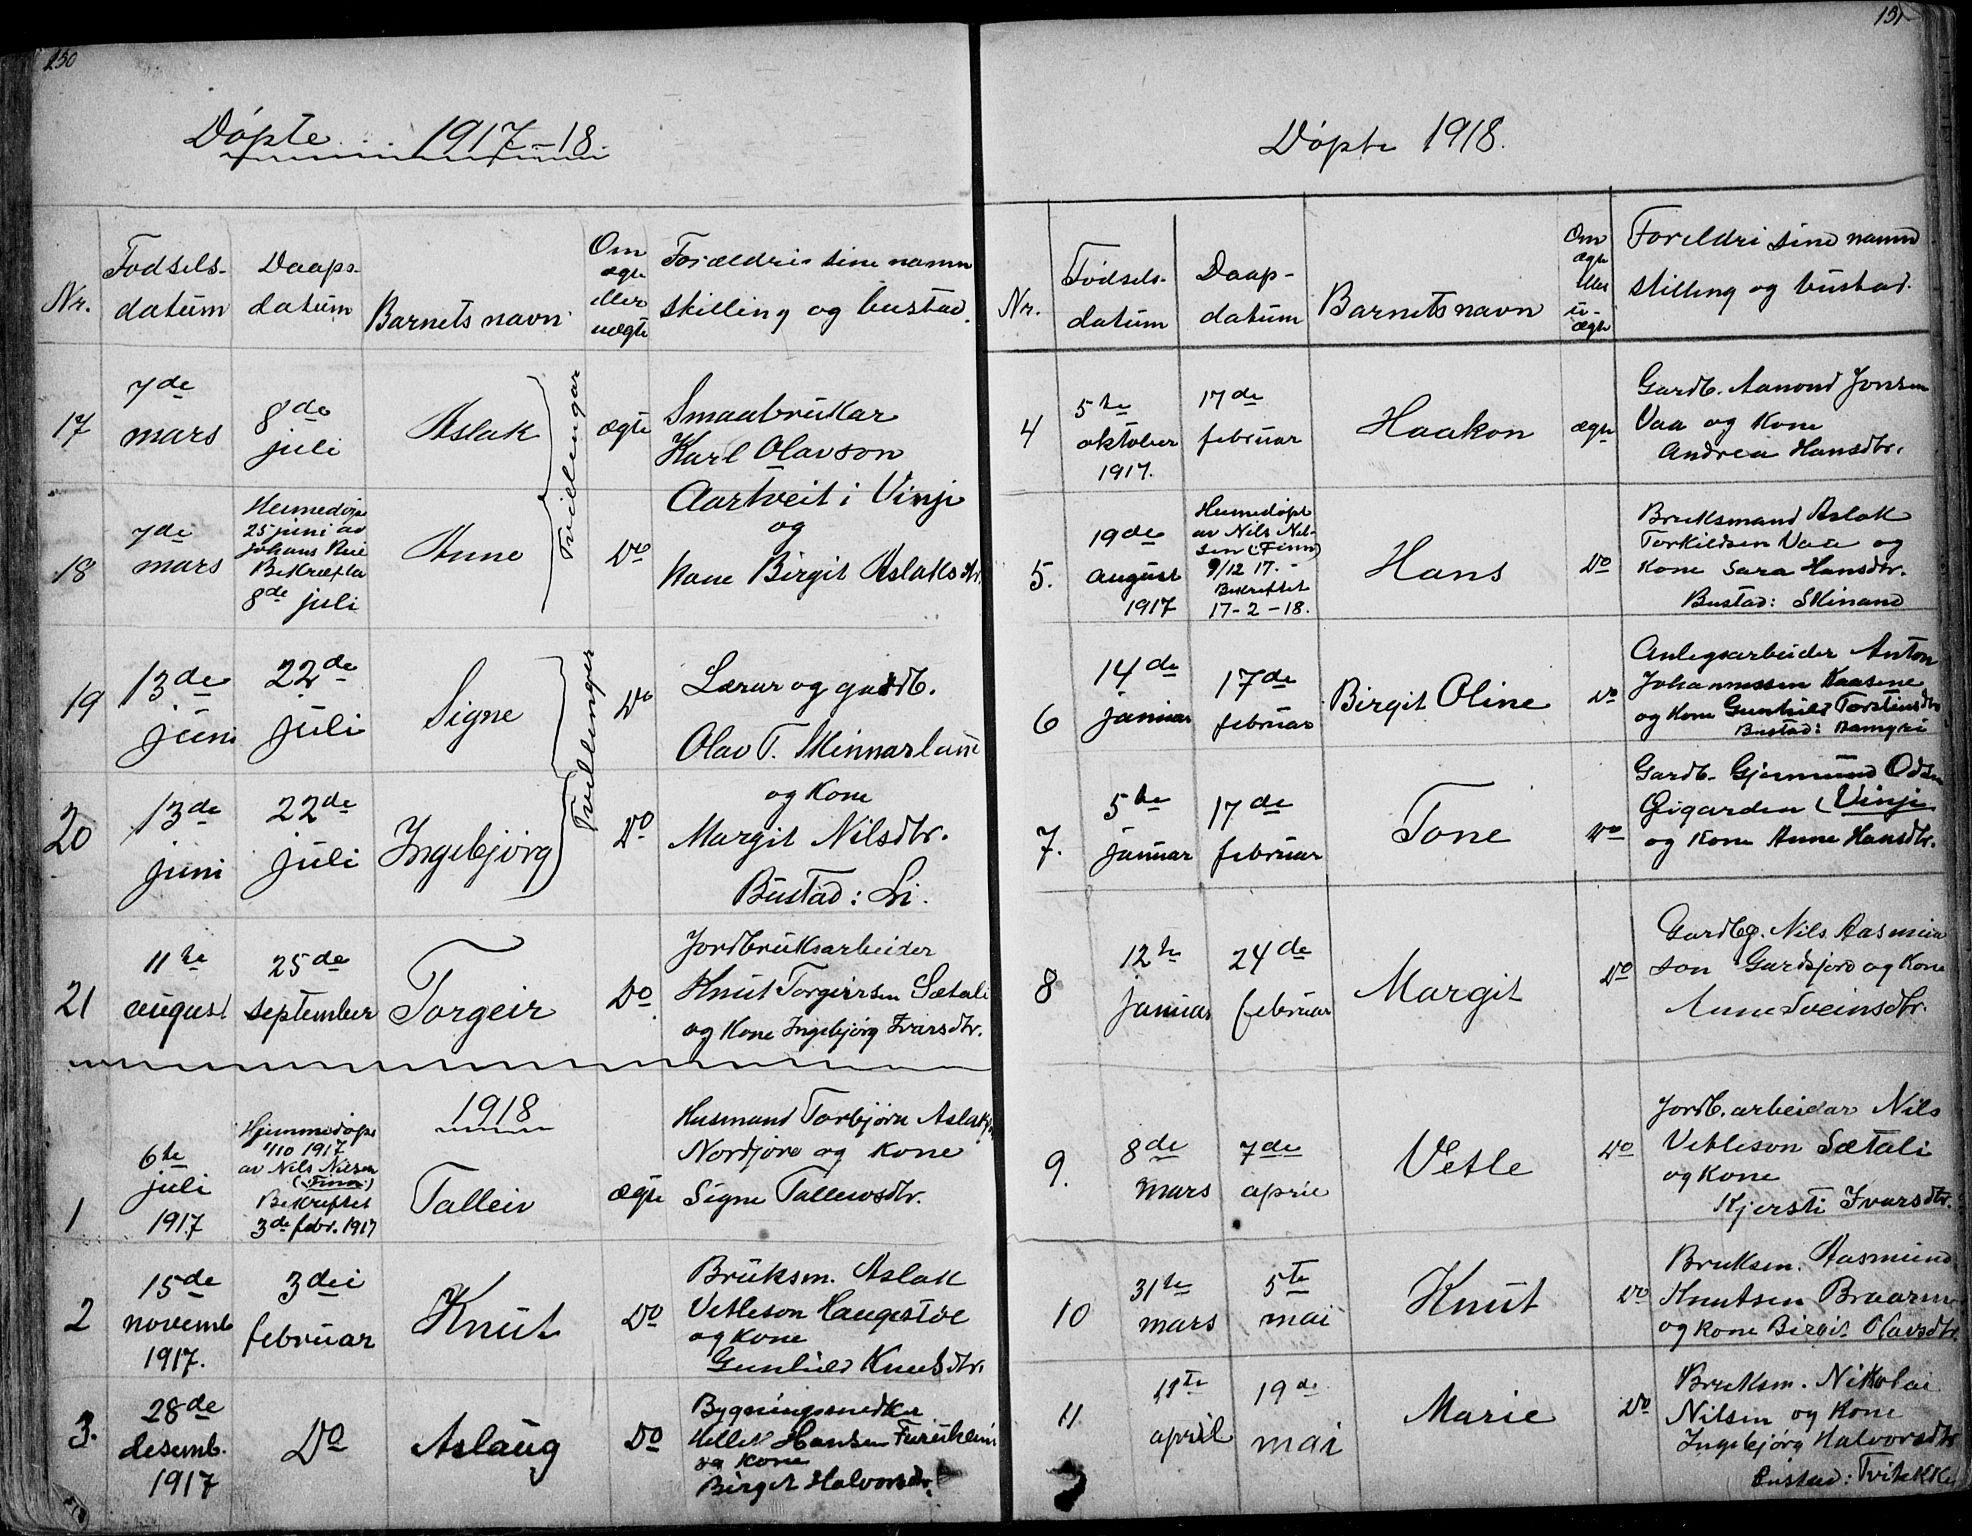 SAKO, Rauland kirkebøker, G/Ga/L0002: Klokkerbok nr. I 2, 1849-1935, s. 150-151